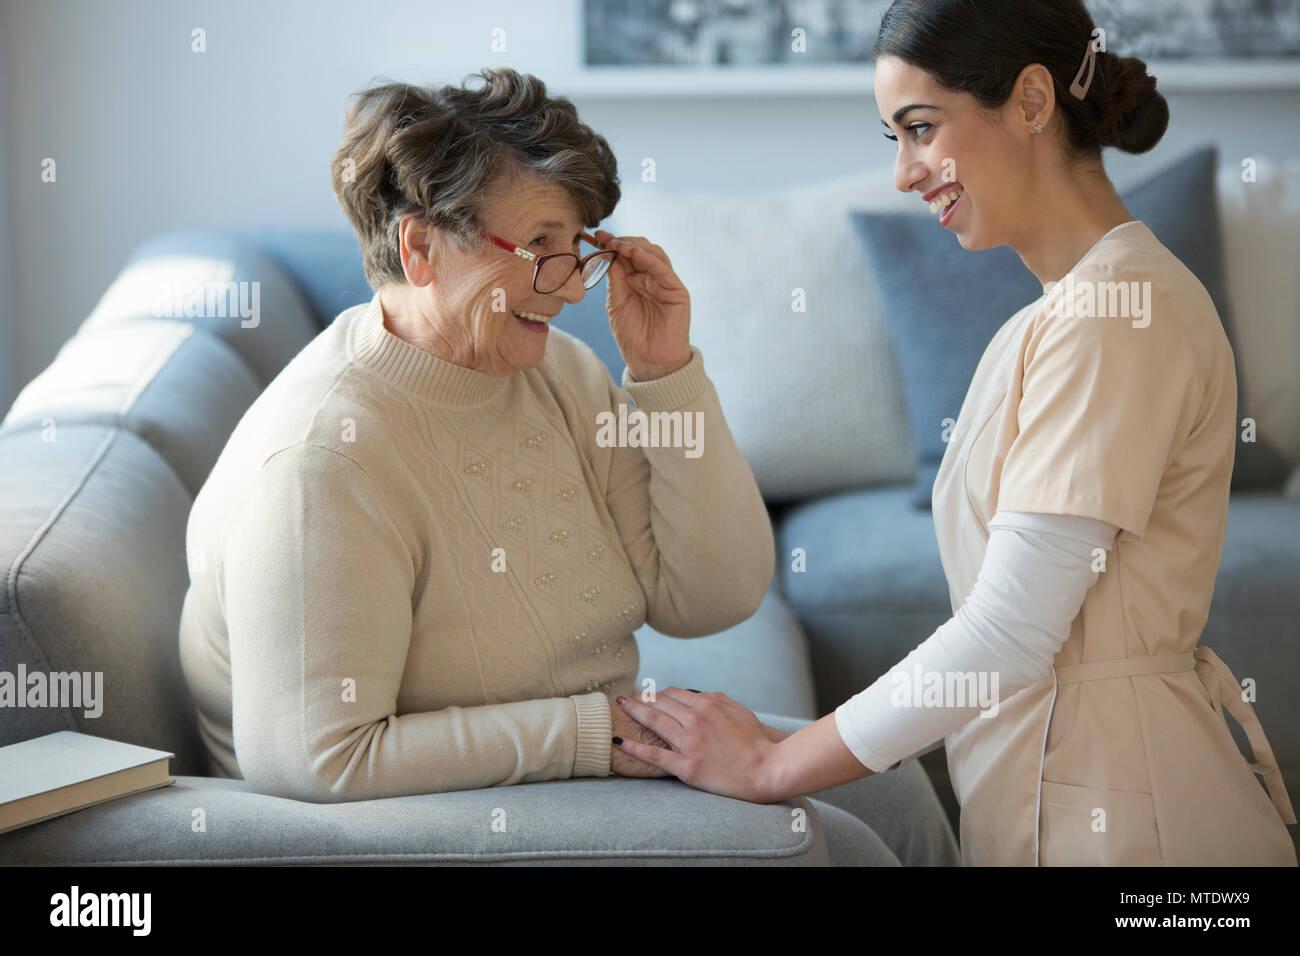 Un cuidador de licitación de rodillas y frente a una anciana sonriente que está sentado en un sofá y manteniendo sus gafas Imagen De Stock